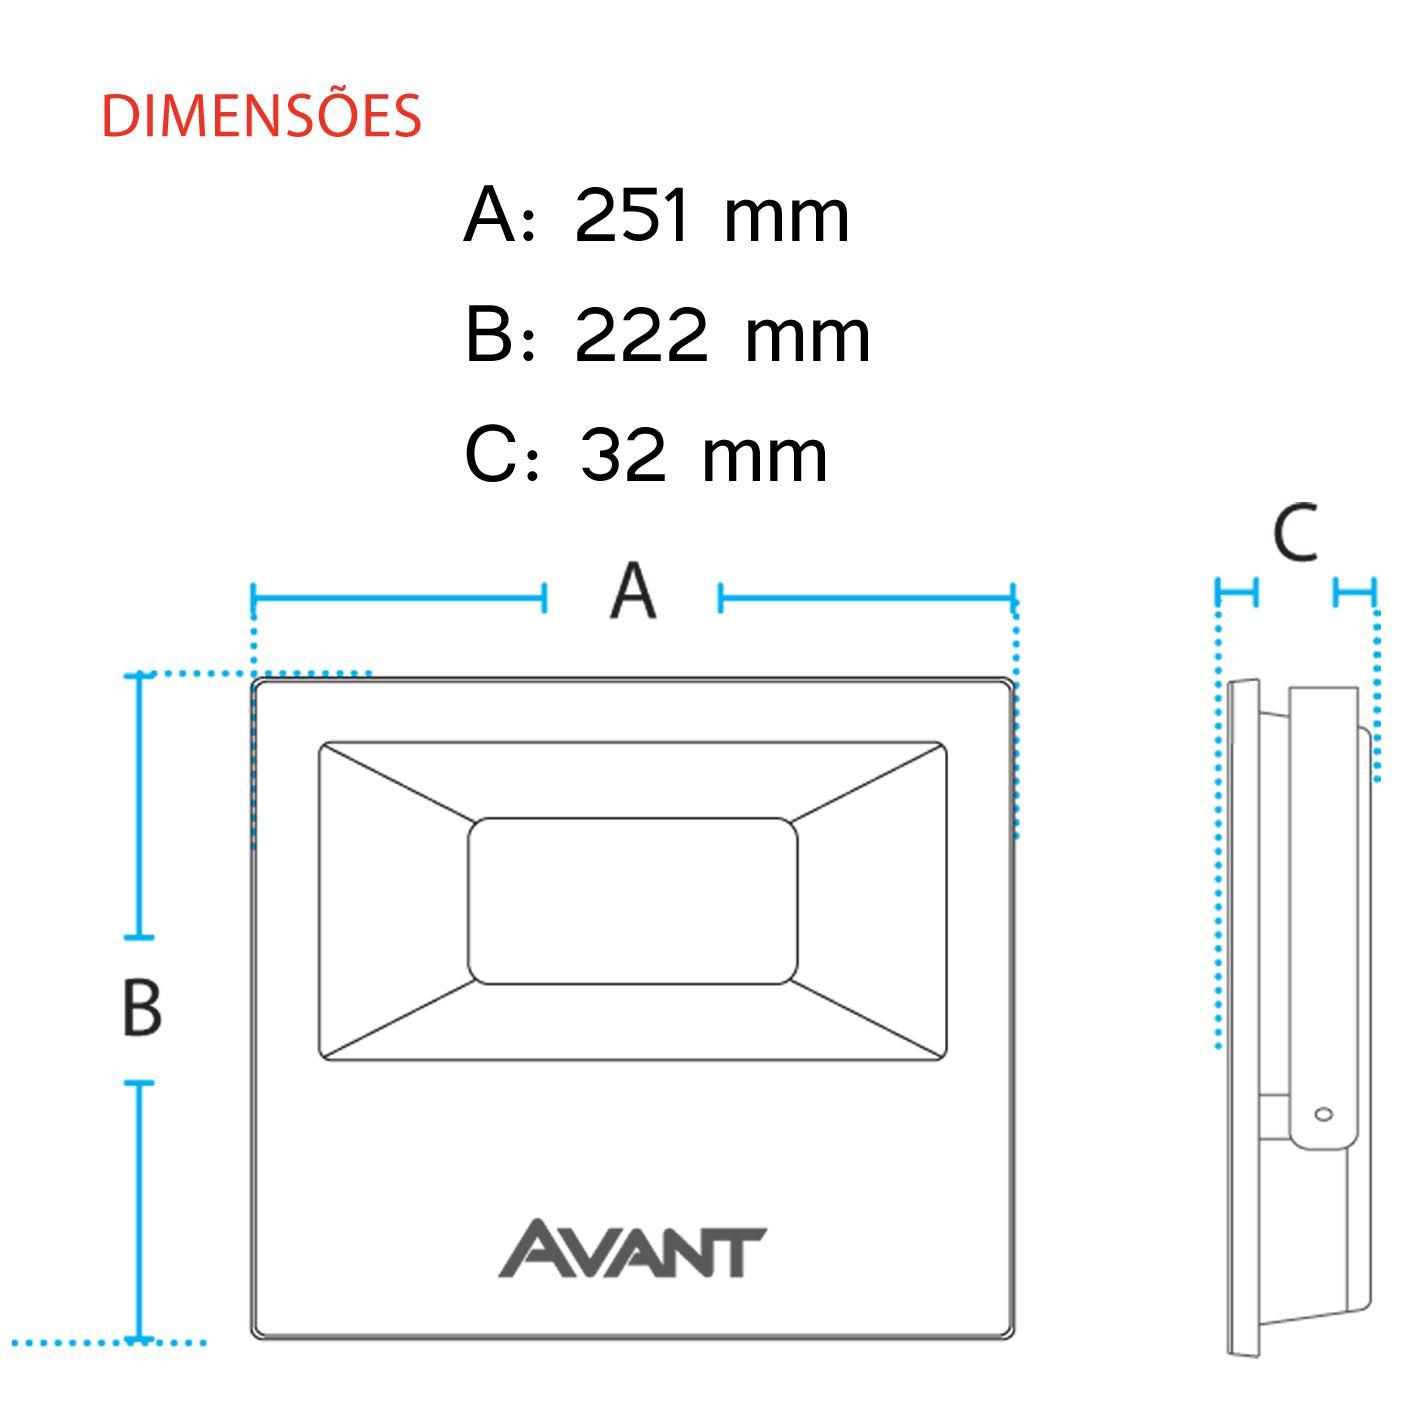 Refletor Led Cob Slim Ip65 Branco Frio 6500k 100w Avant  - EMPORIO K